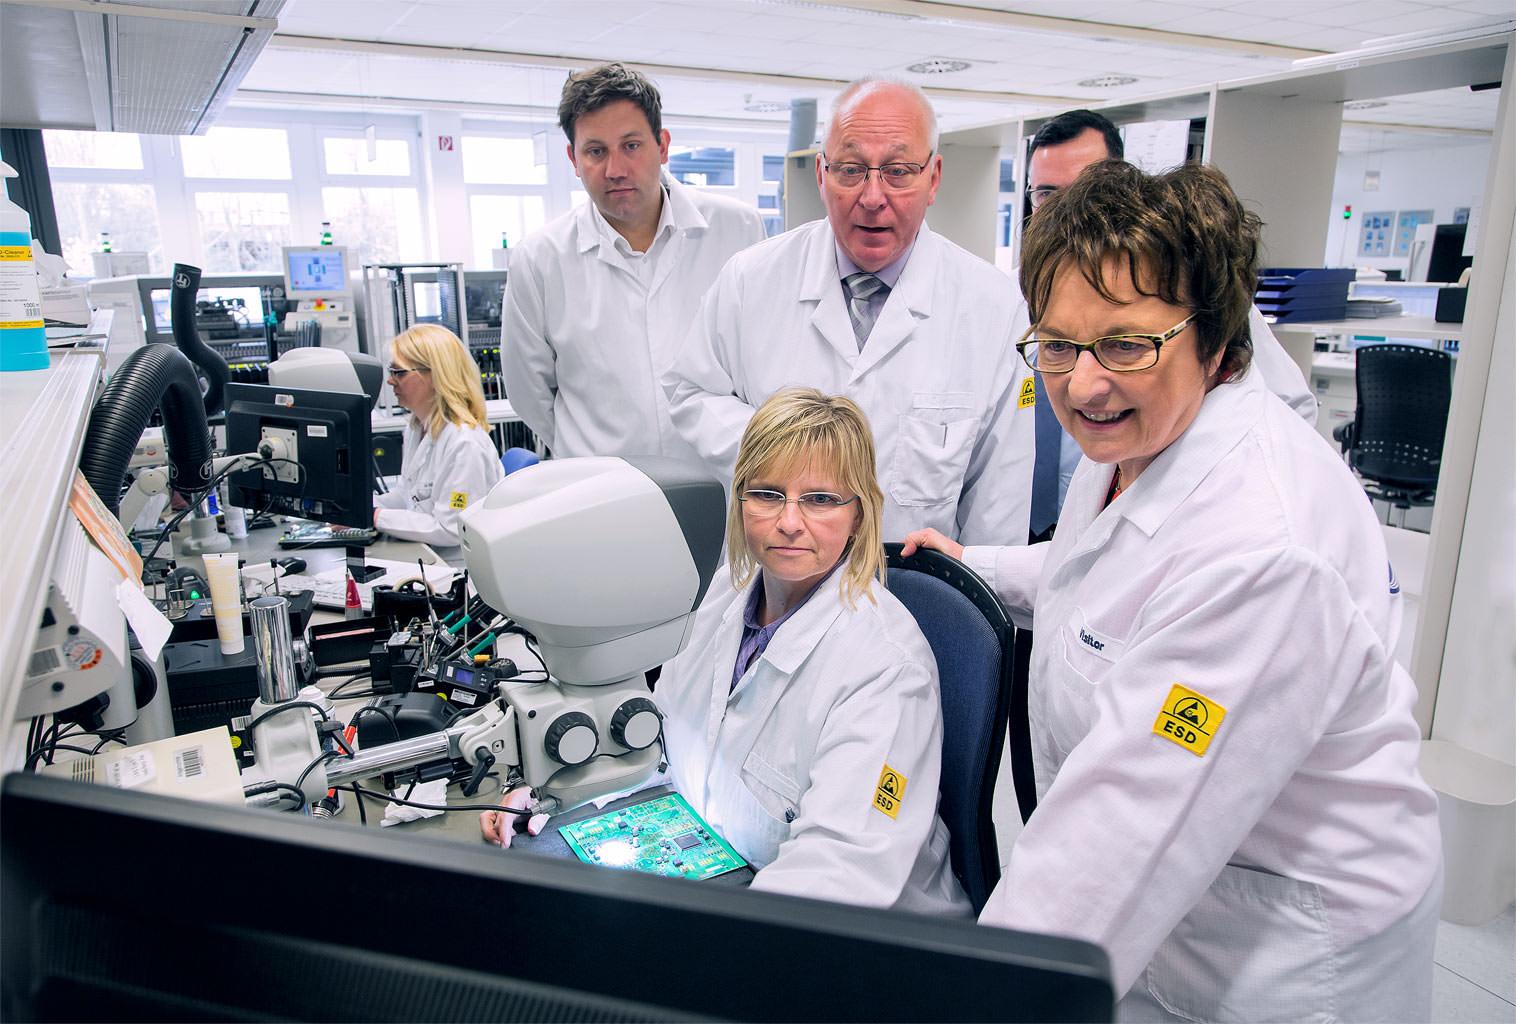 Zypries Klingbeil zu Besuch bei Airbus Besichtigung und Gespräche im Labor